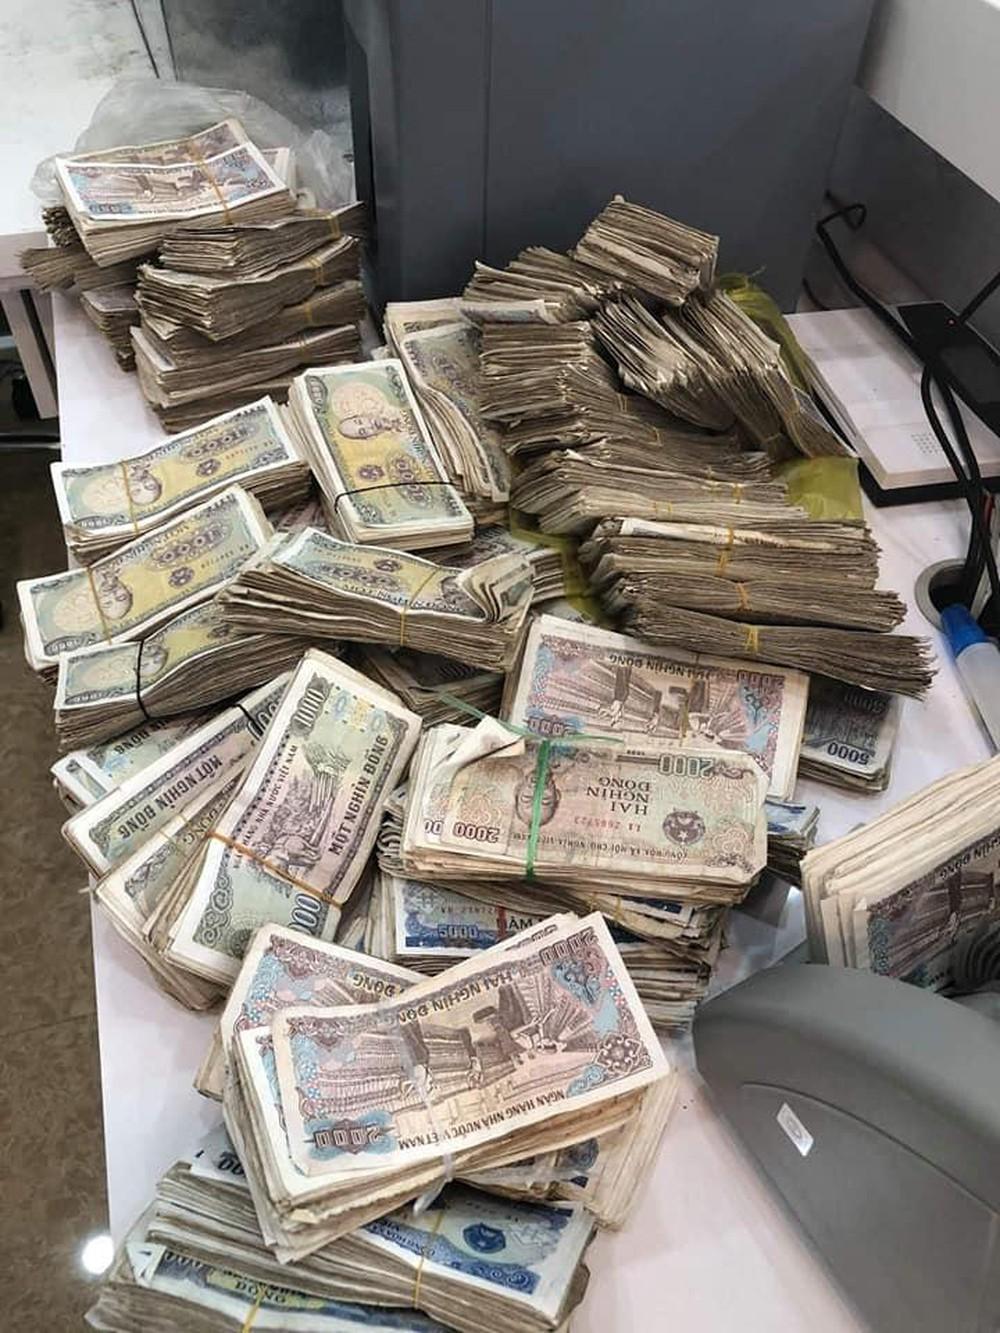 Tiết kiệm tiền lẻ mỗi ngày: Cách giúp bạn có ngay 1 triệu đồng sau một tháng-1